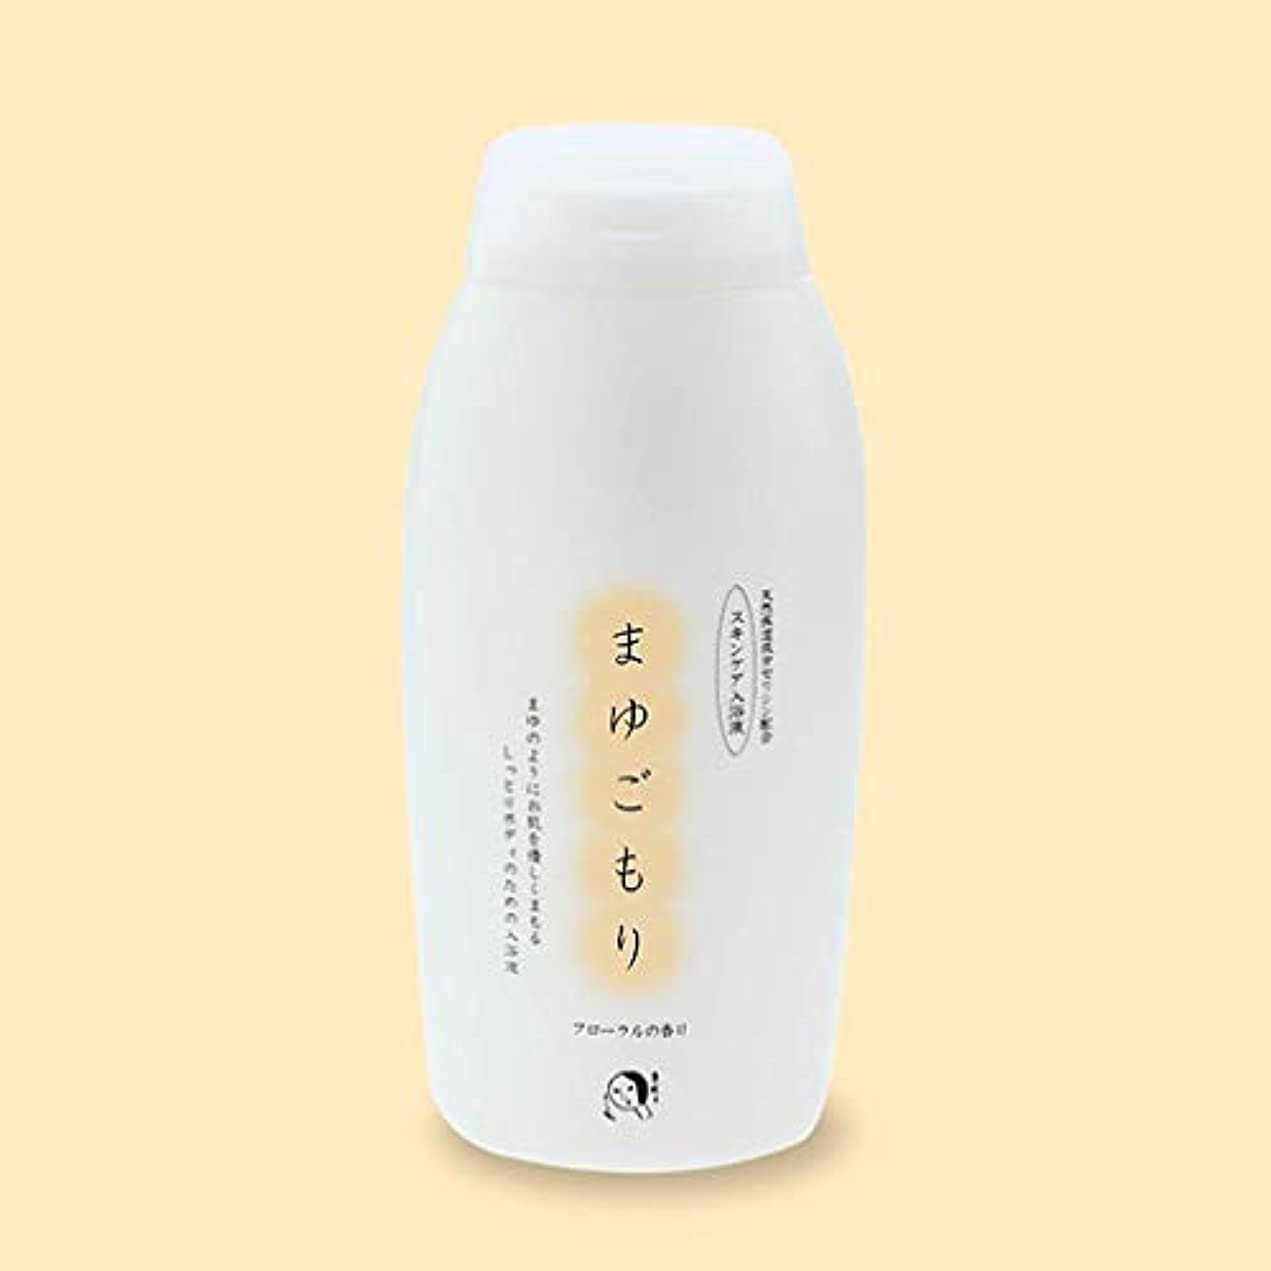 飢えアマチュア熱心なよーじや まゆごもり入浴液(ボトルタイプ) 250ml(11回分)